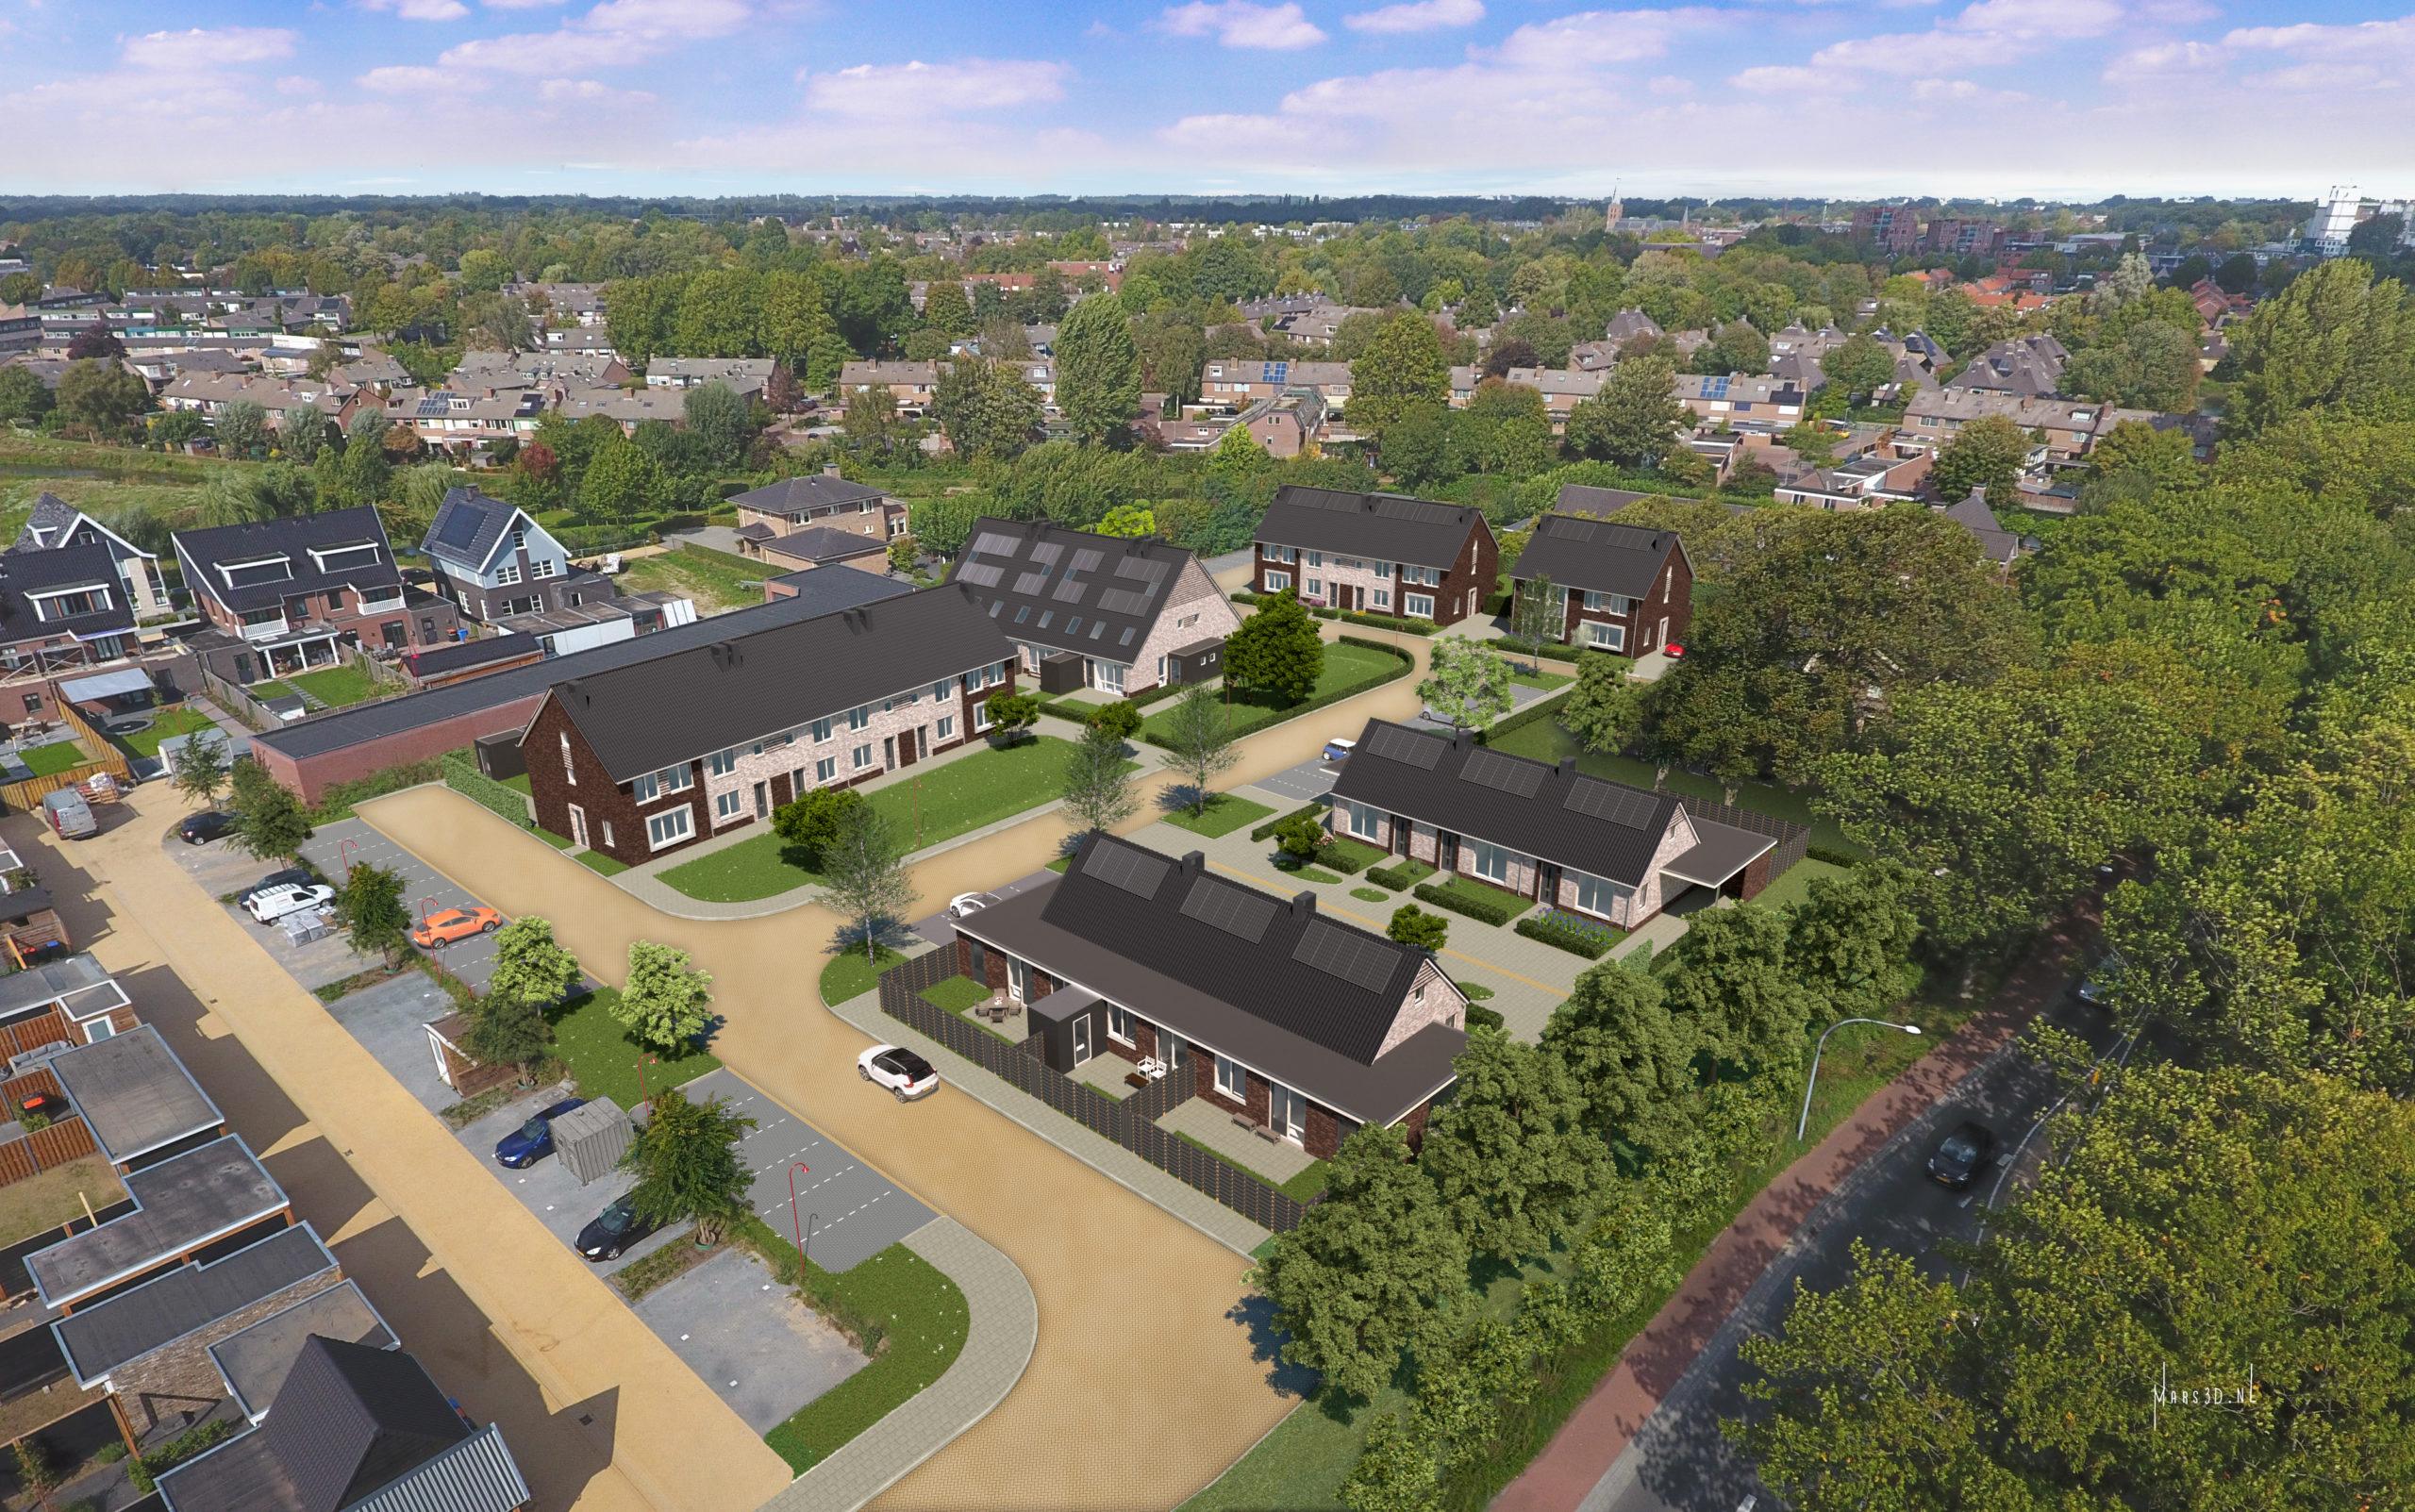 De Nieuwe Burght in Barneveld